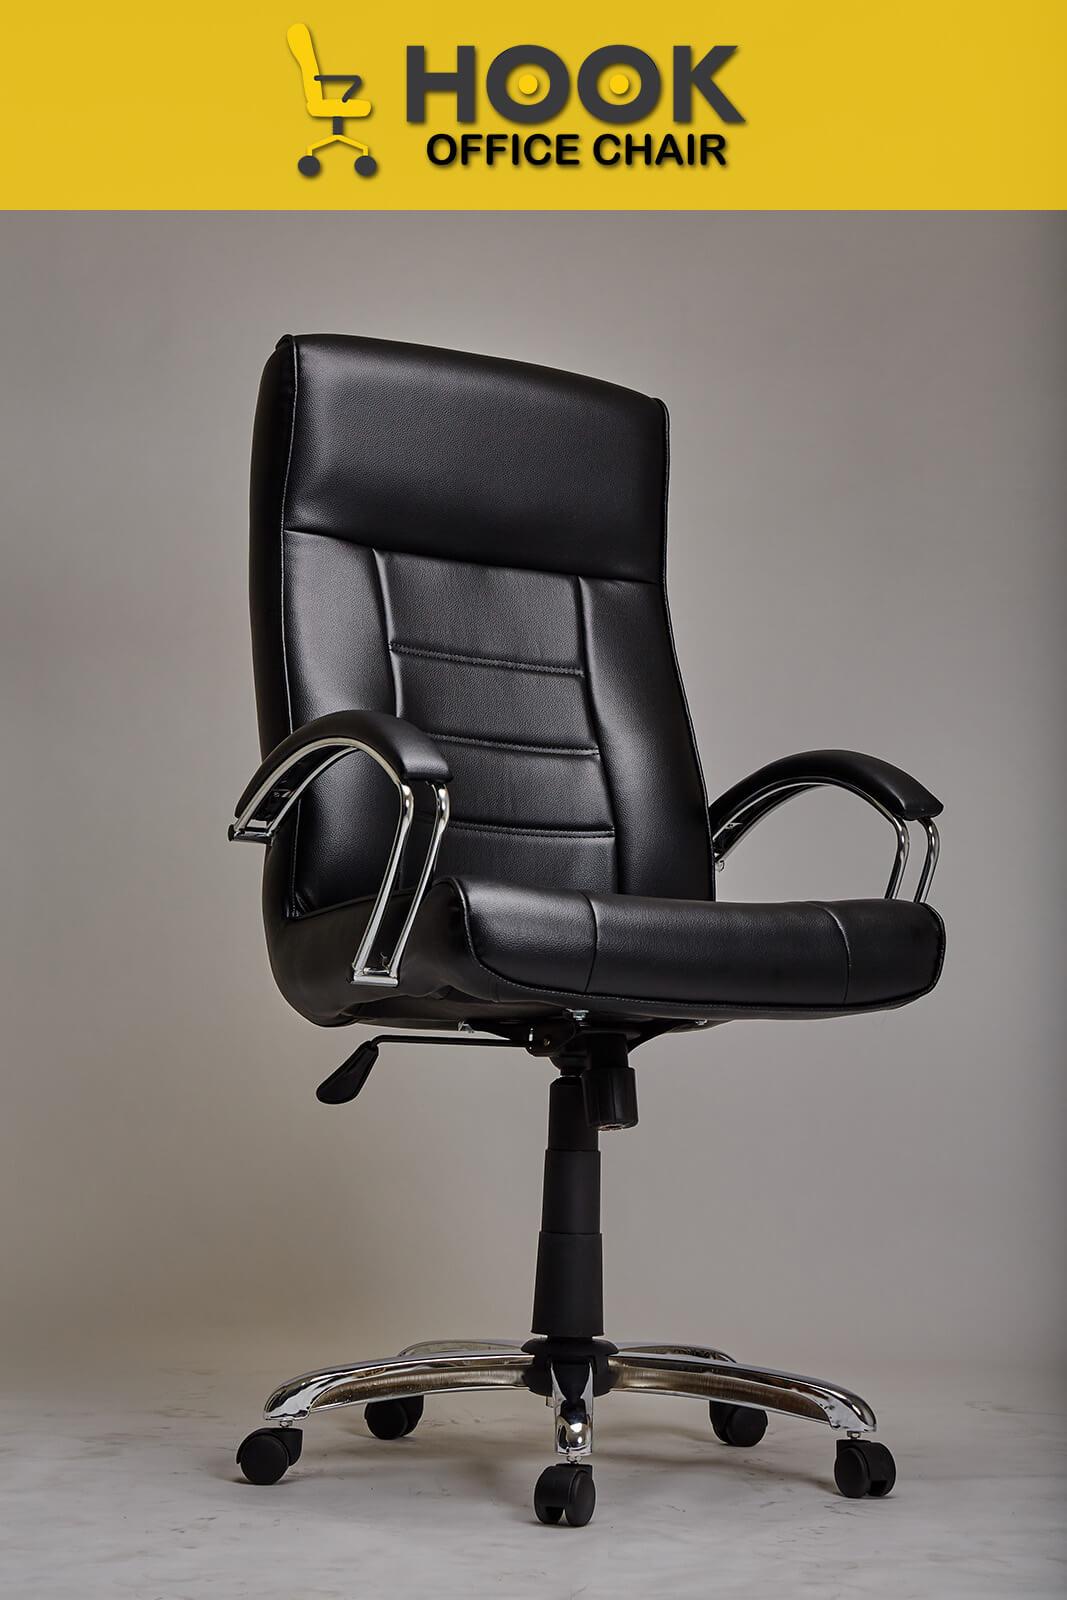 เก้าอี้ผู้บริหาร เก้าอี้สำนักงาน รุ่น H05-002